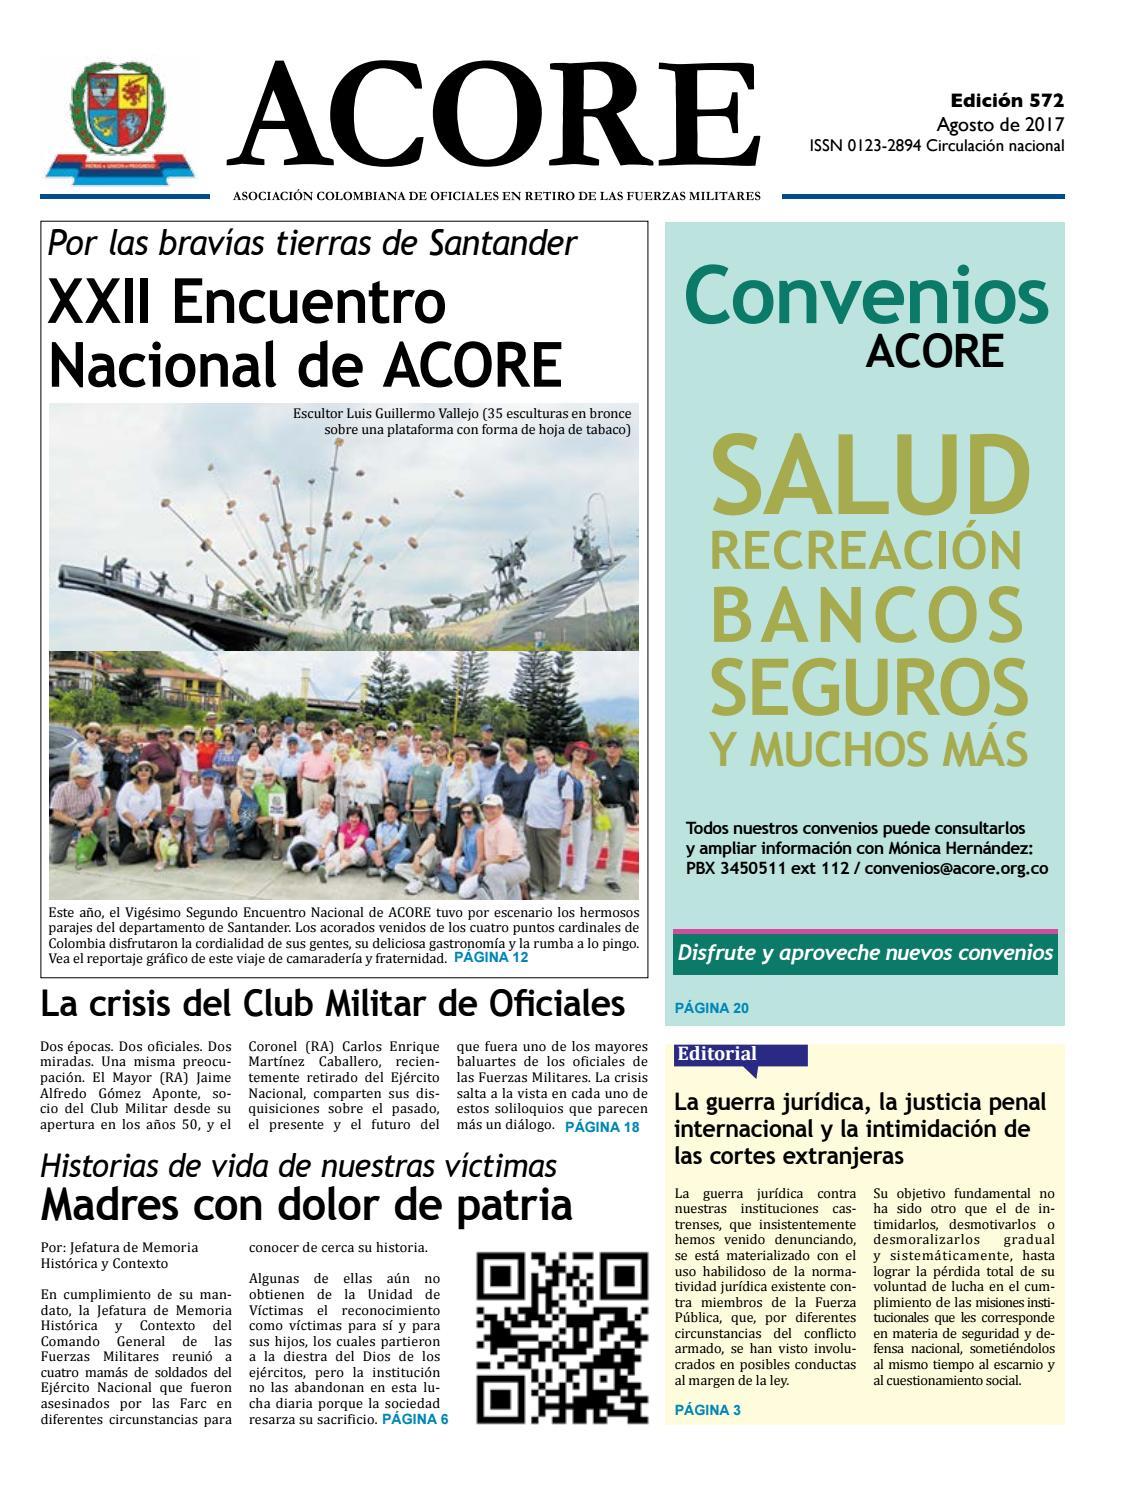 Periódico edición 572 agosto 2017 by ACORE - issuu 70359485a30